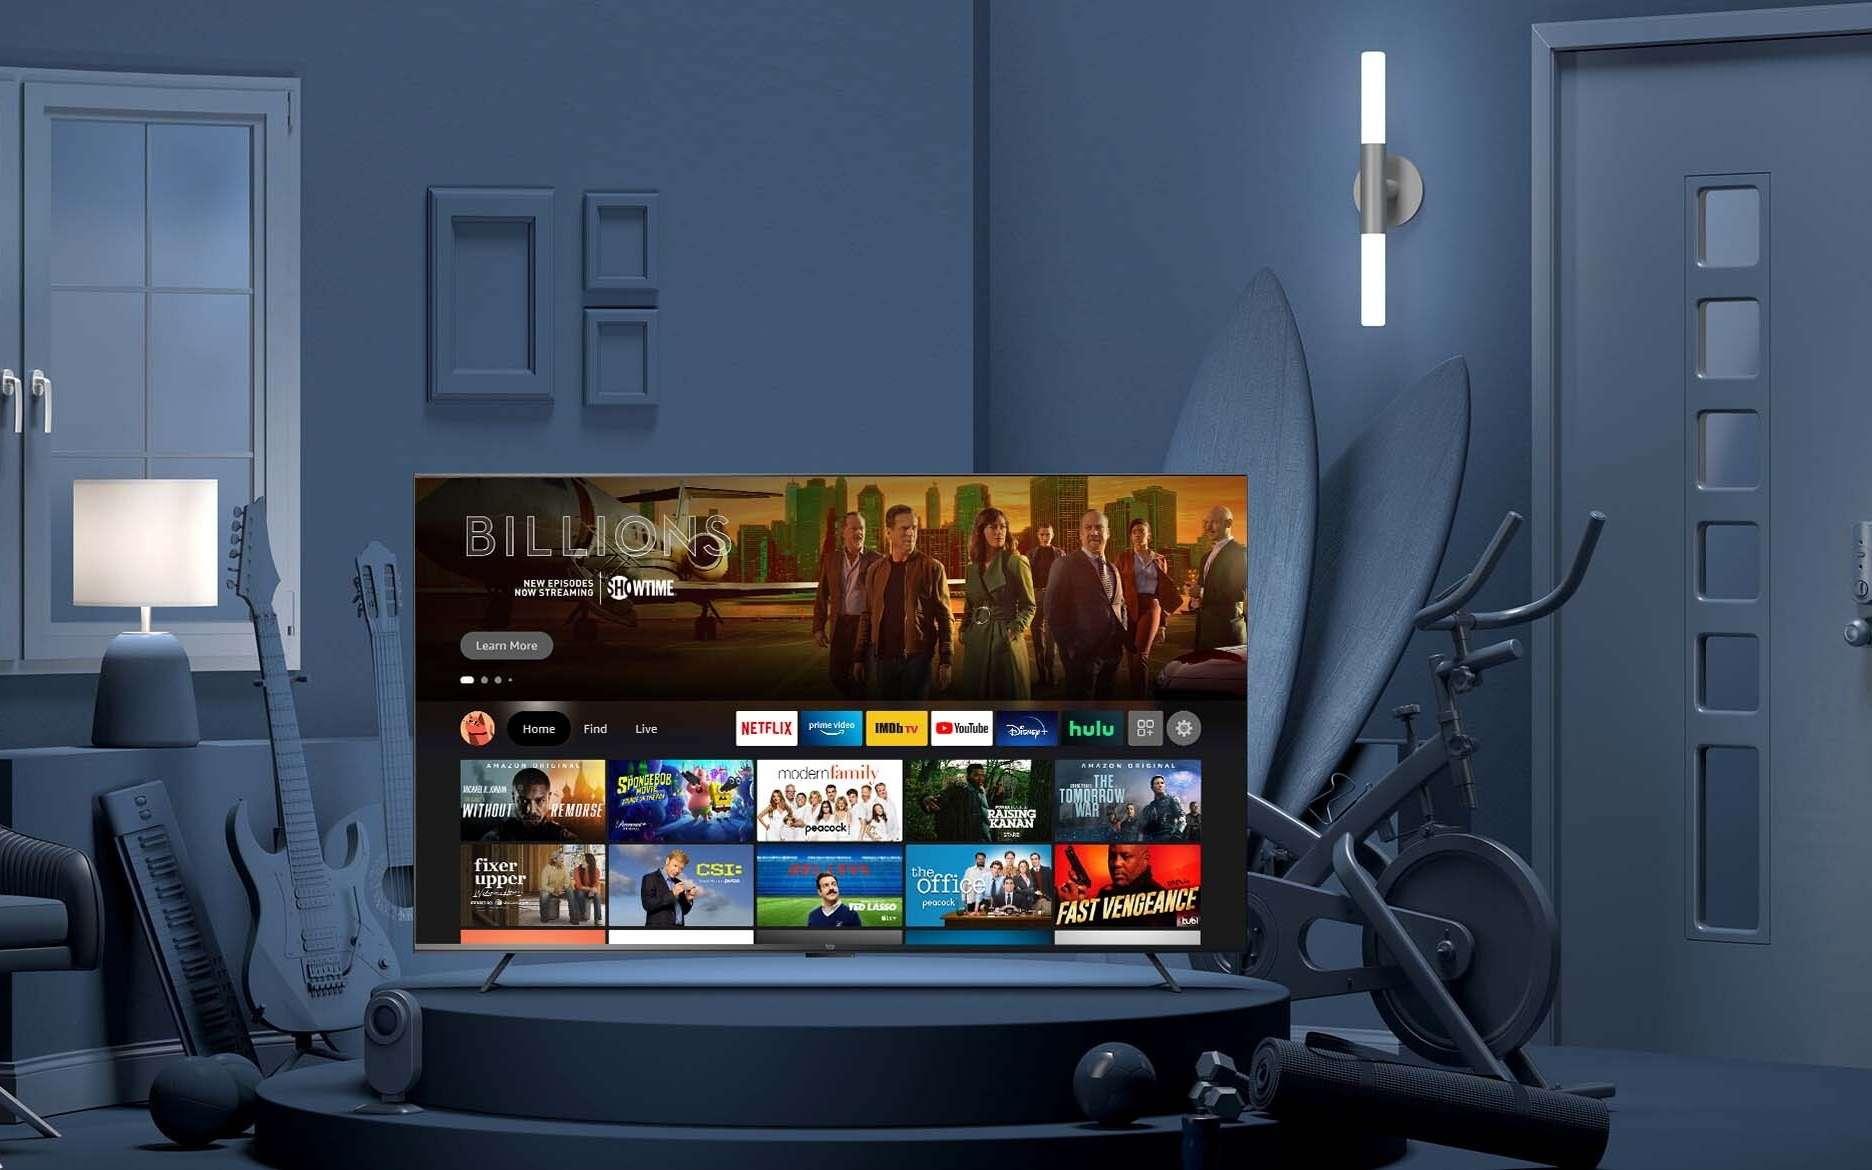 Le nouveau téléviseur Fire TV Omni Series d'Amazon intègre Alexa et l'interface Fire TV. © Amazon